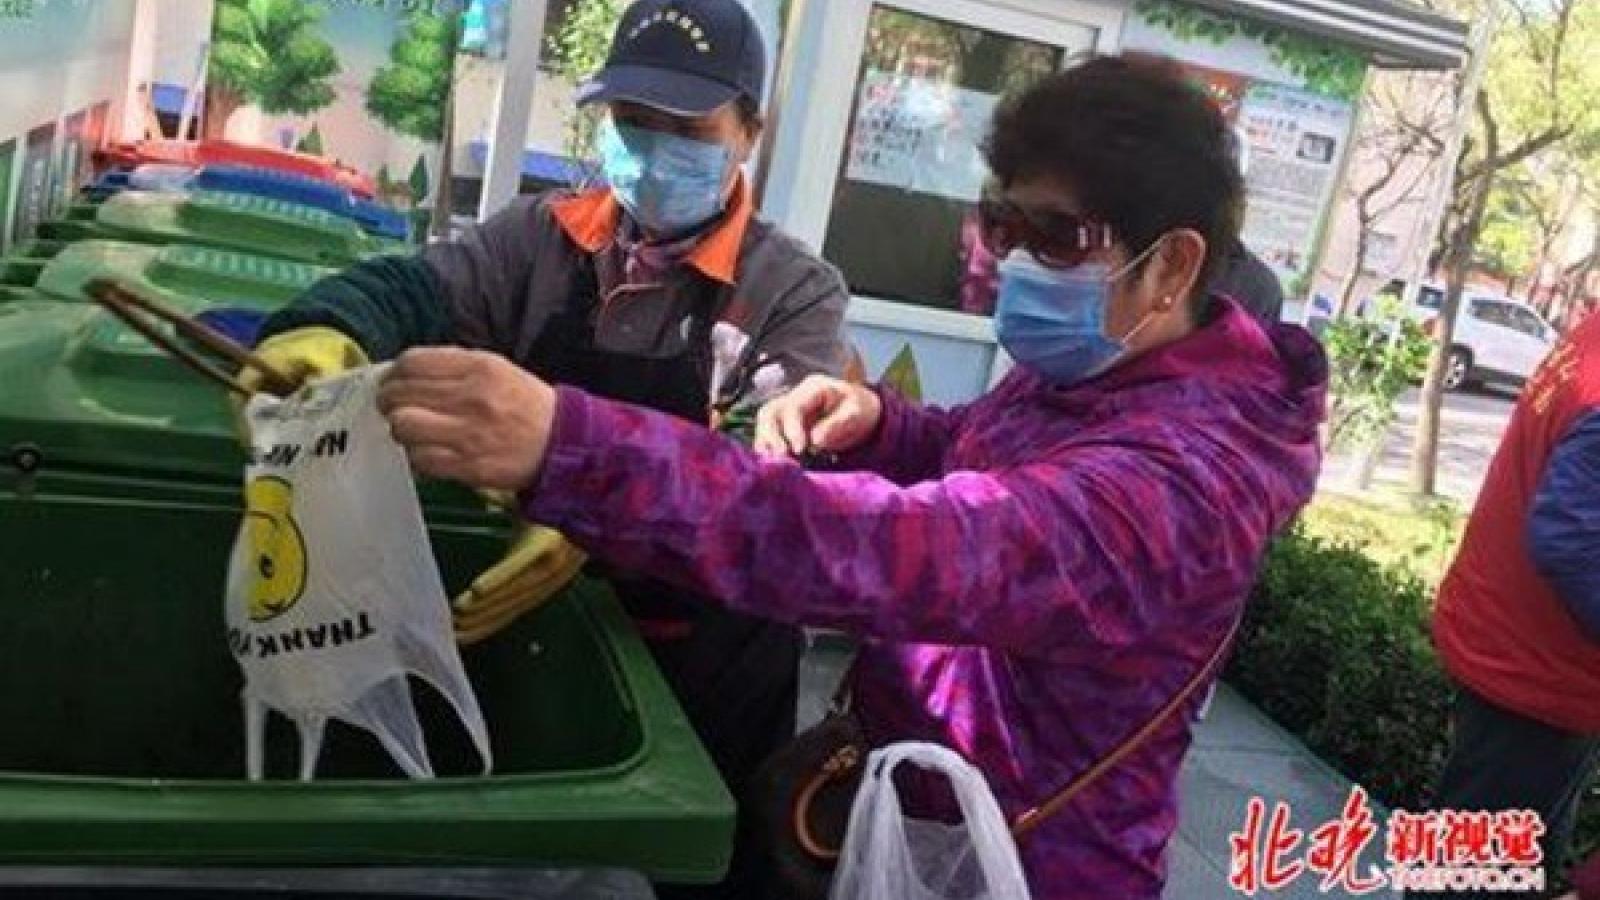 Bắc Kinh (Trung Quốc) sẽ xử lý nghiêm các hành vi không phân loại rác